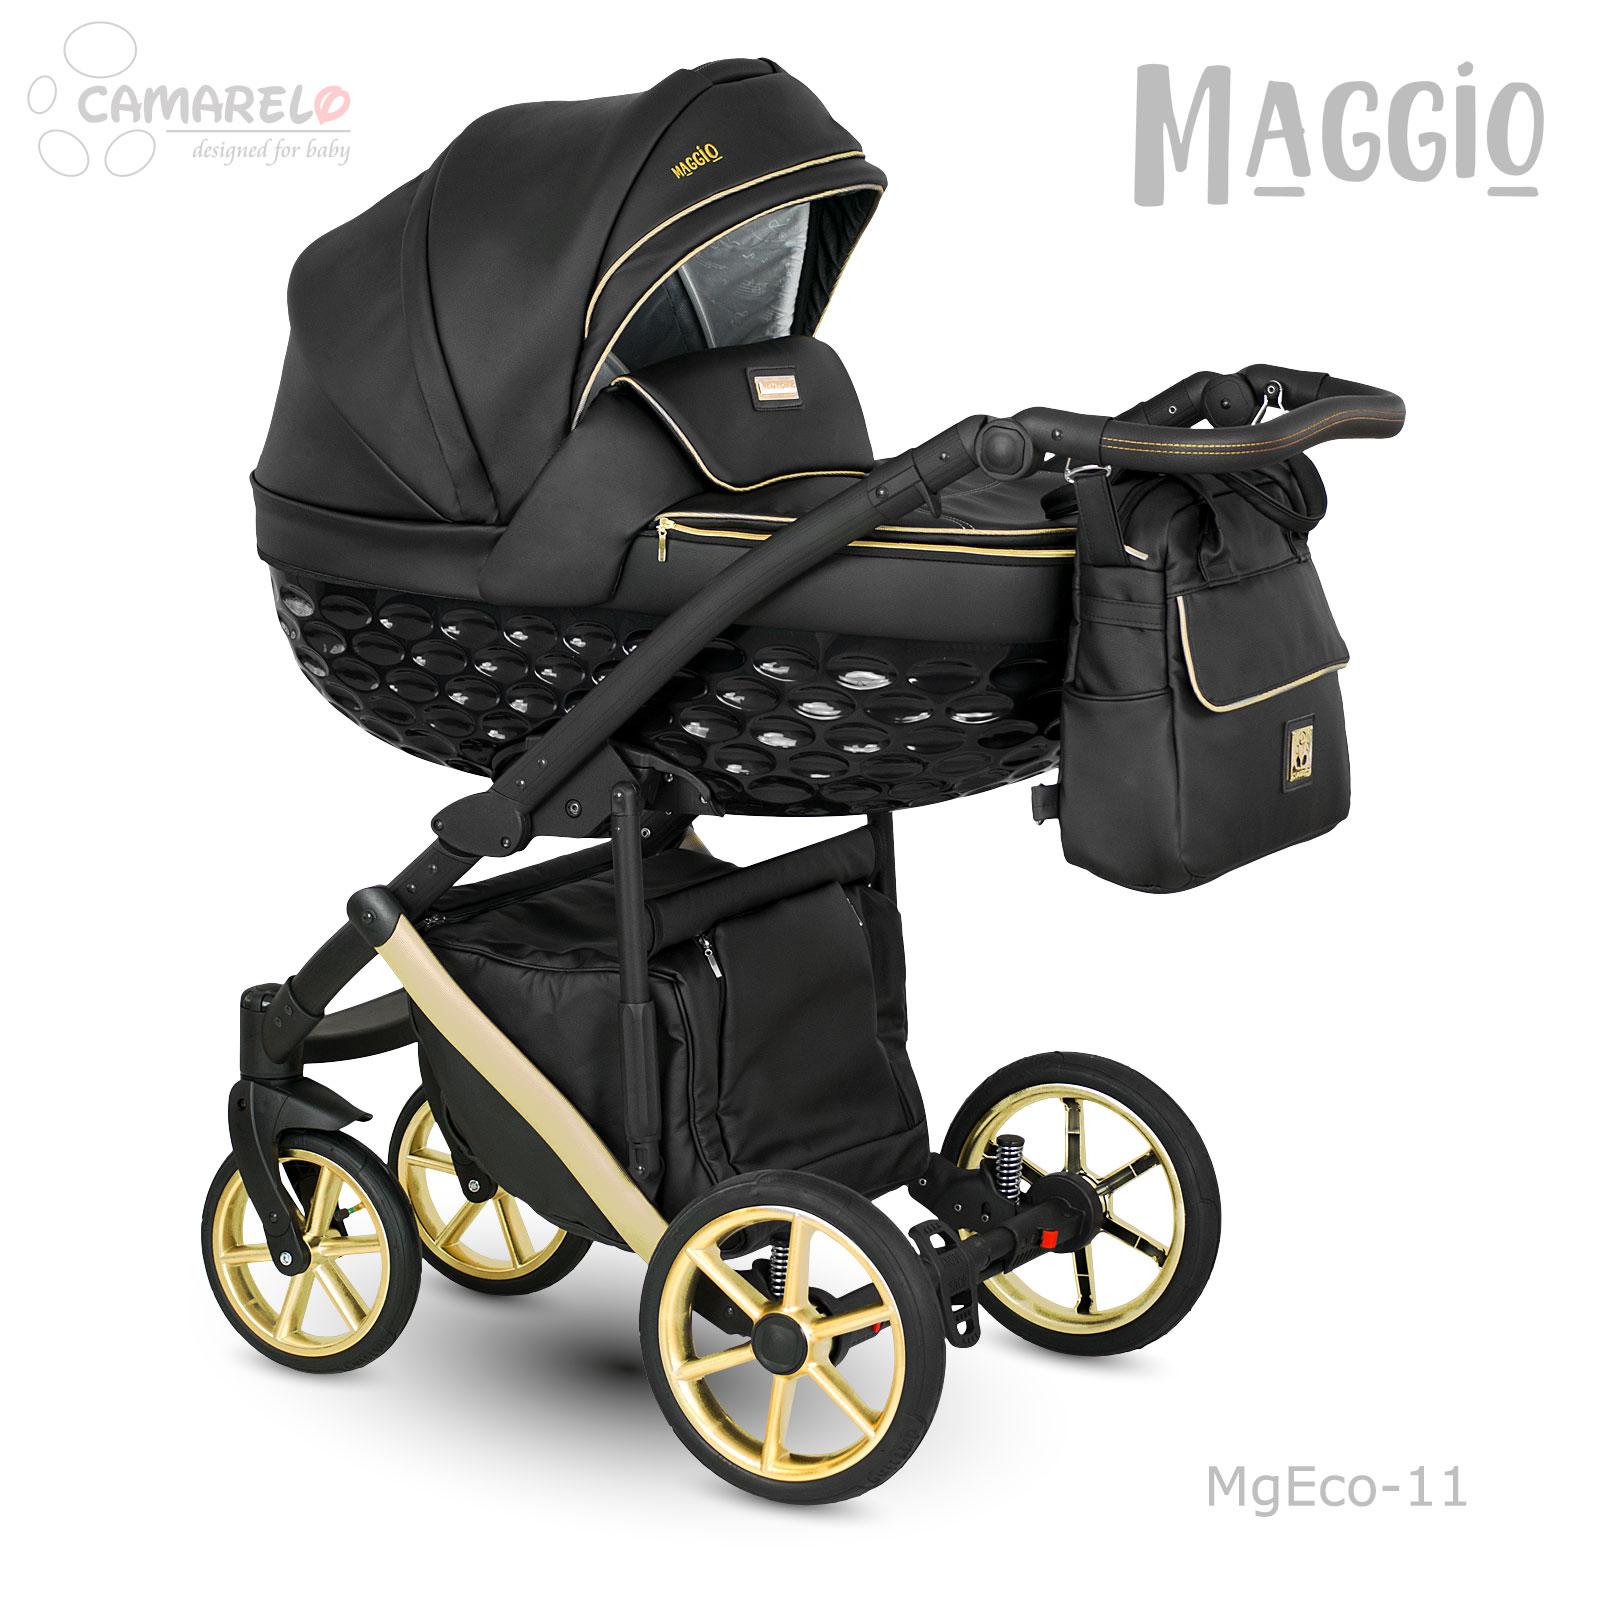 Maggio-MgEco-11a